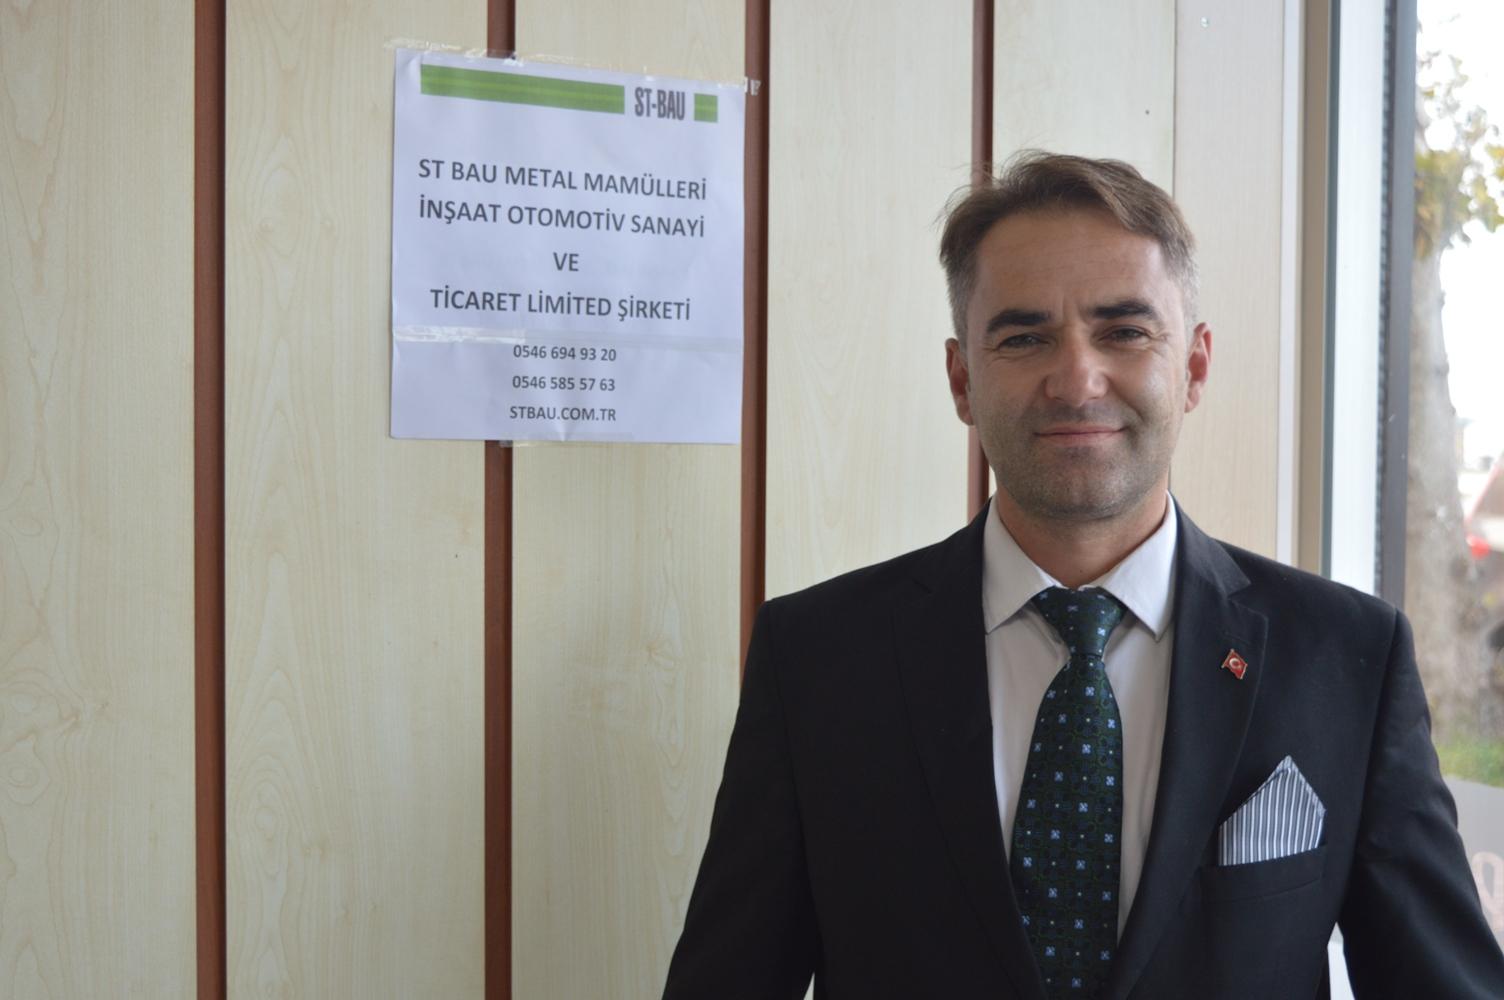 Almanya'daki gurbetçi işadamından memleketi Sakarya'ya 3 Milyon Euro'luk yatırım